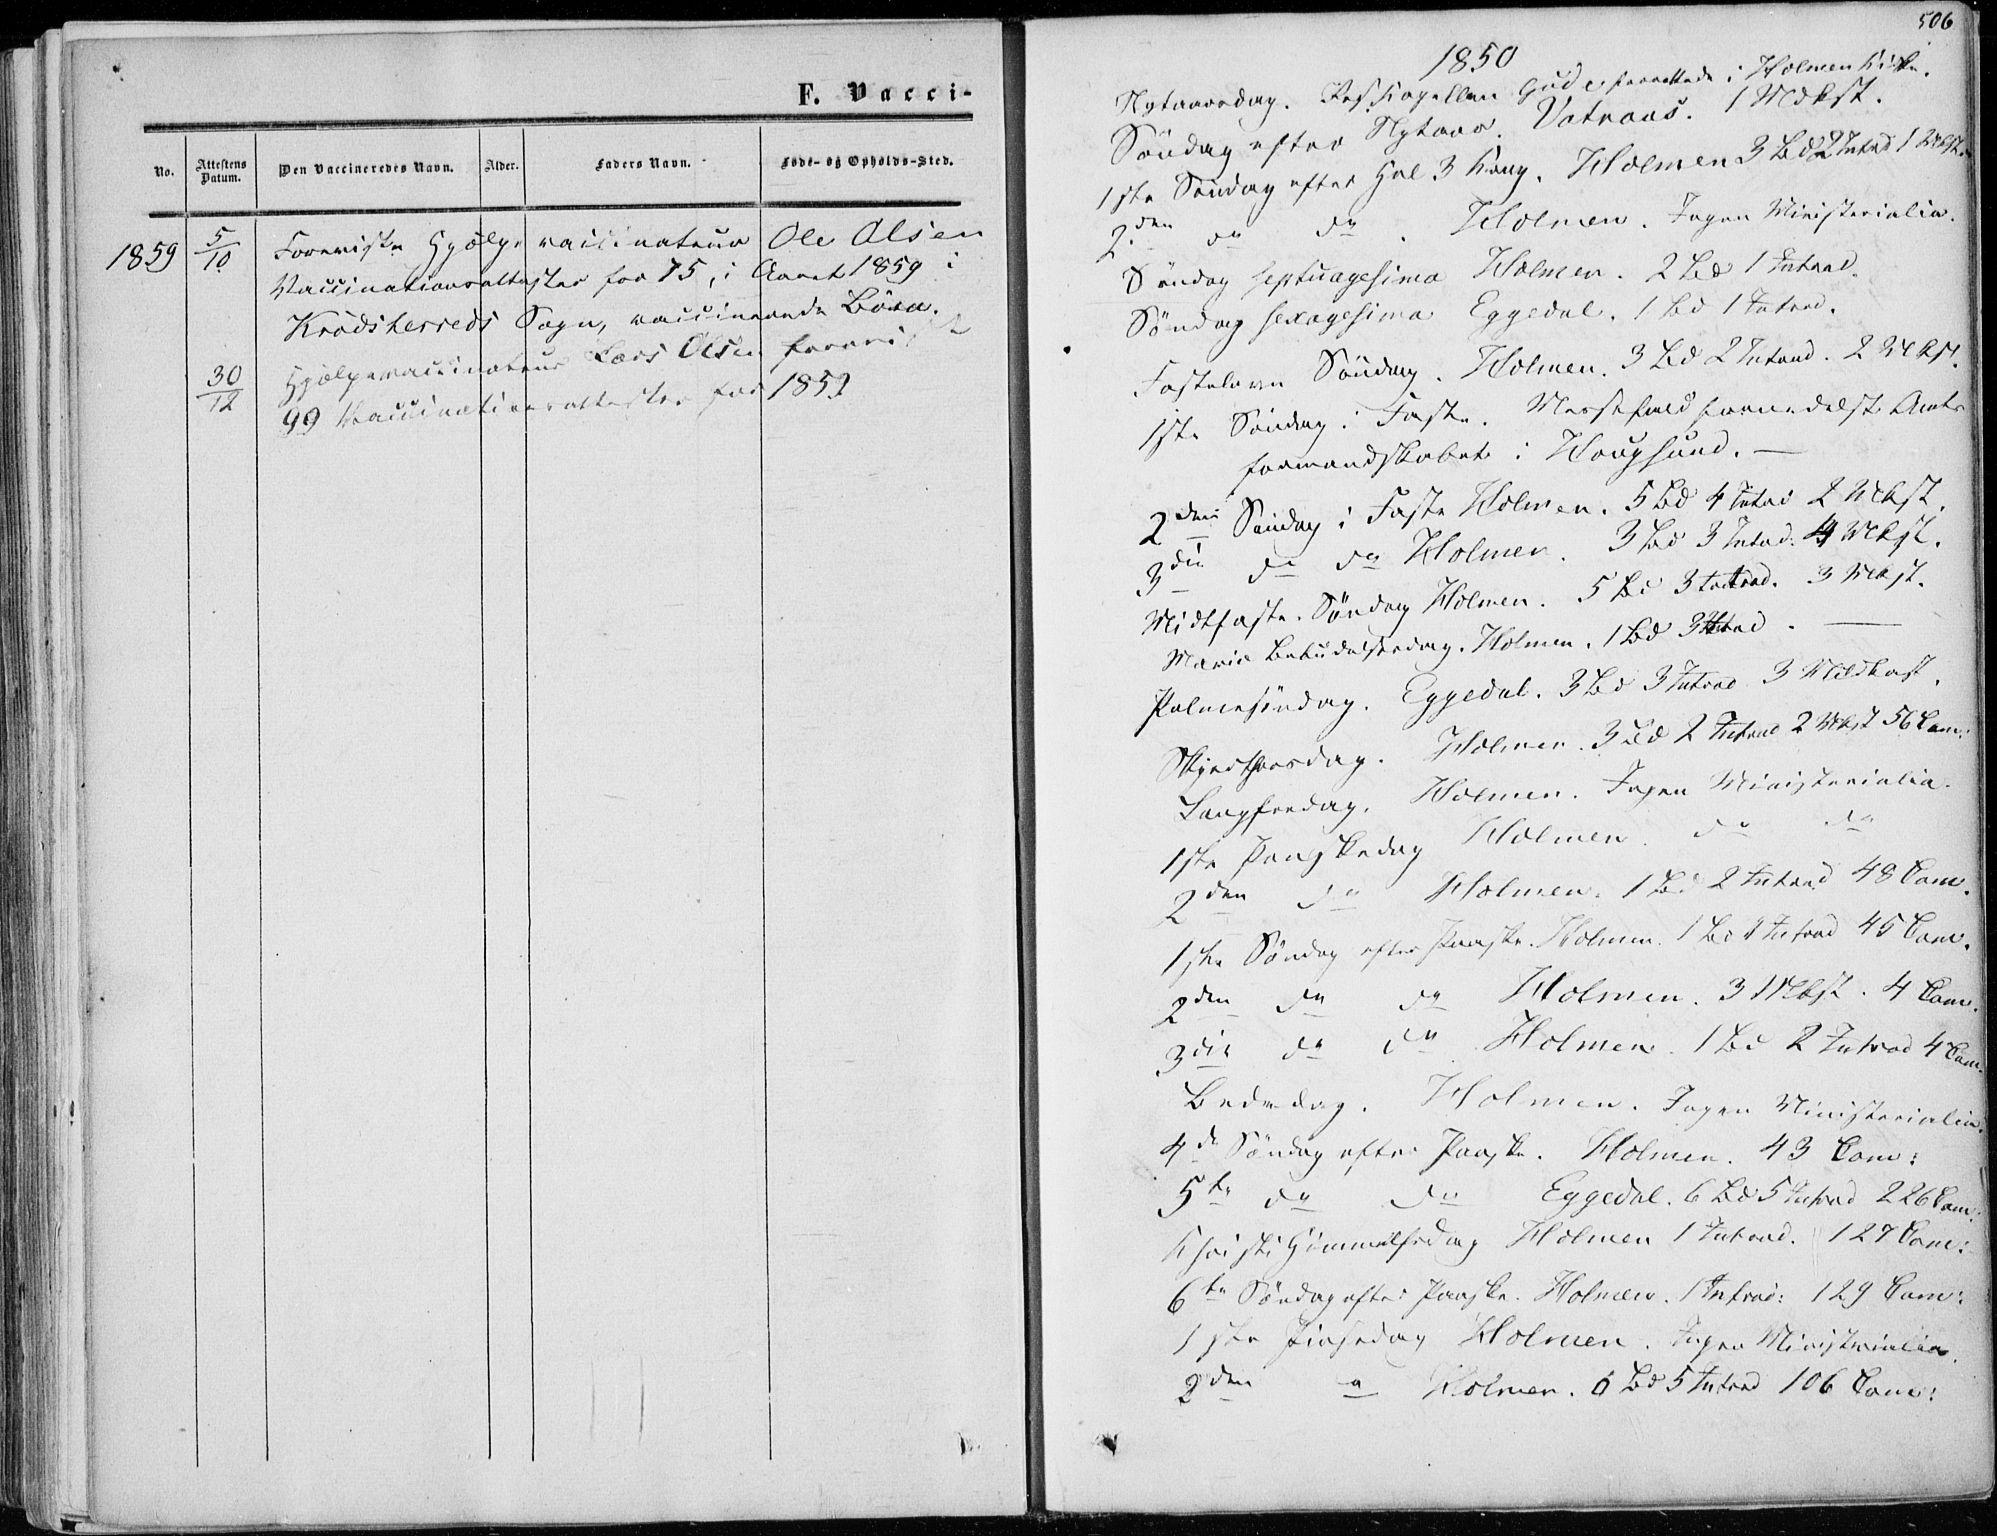 SAKO, Sigdal kirkebøker, F/Fa/L0008: Ministerialbok nr. I 8, 1850-1859, s. 506